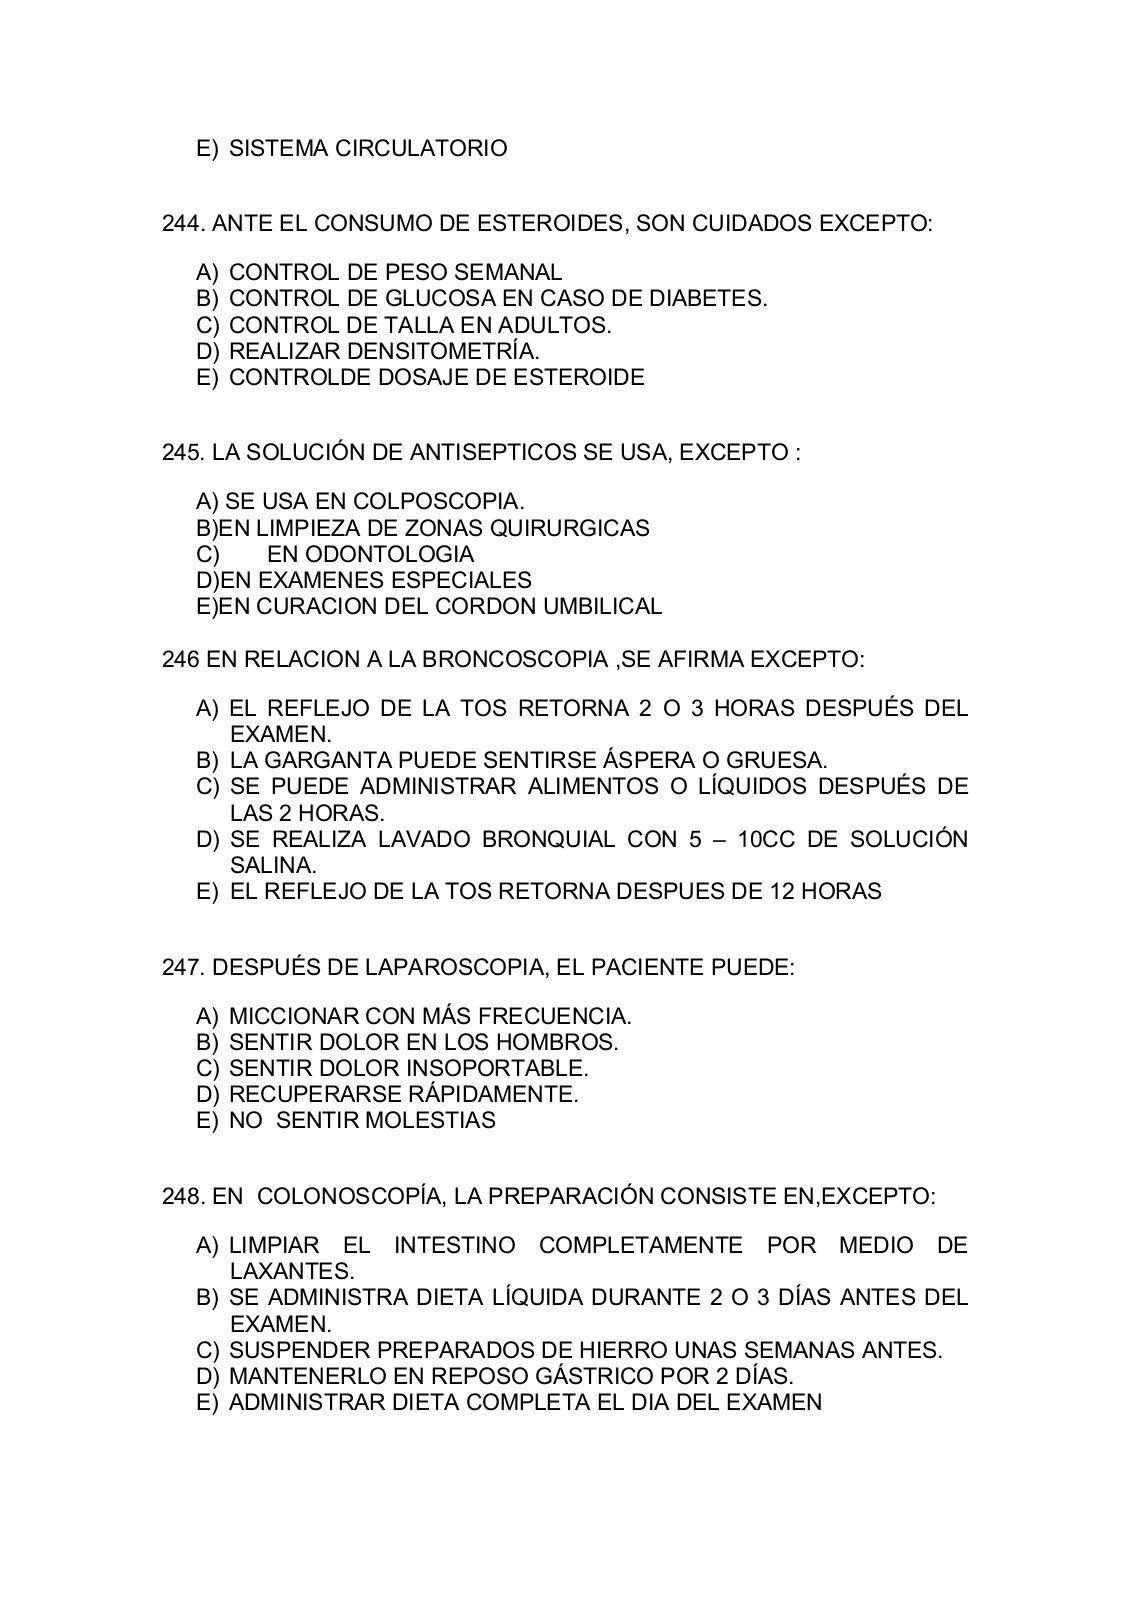 Balotario De Preguntas Para Tecnicos De Enfermeria Yumpu Pdf Downloader